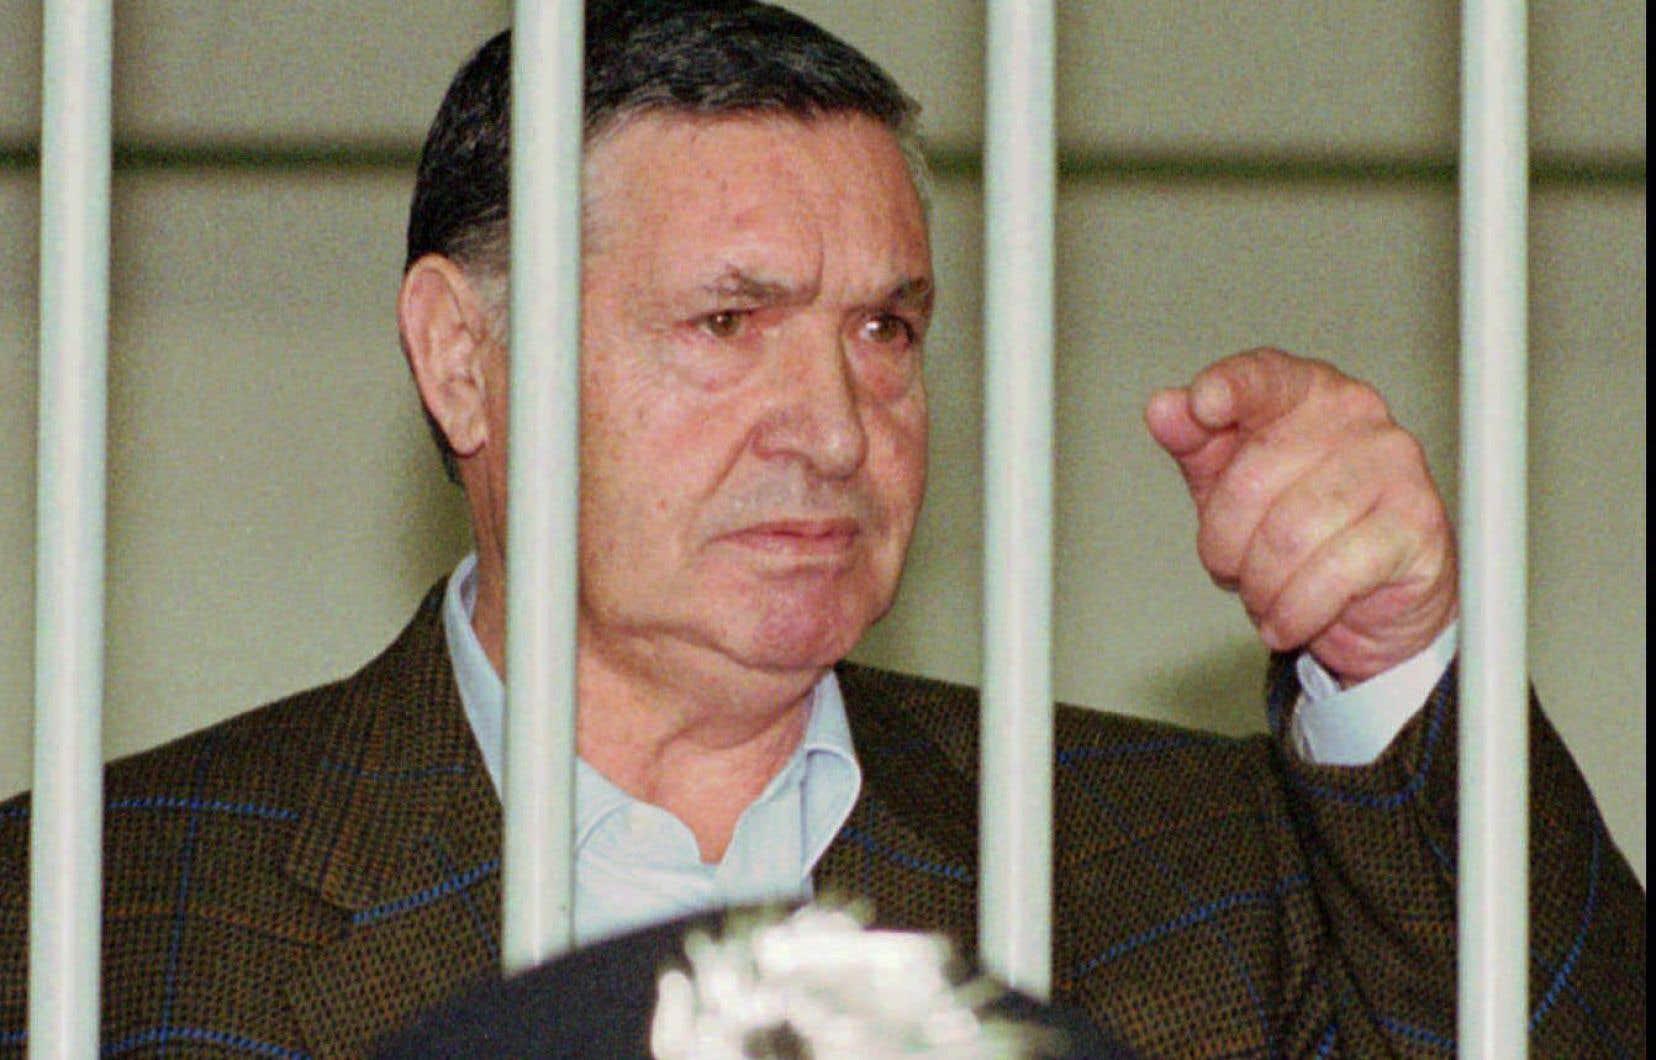 Toto Riina, qui purgeait 26 peines de détention à vie et aurait commandité plus de 150 meurtres, était ces derniers jours dans le coma.